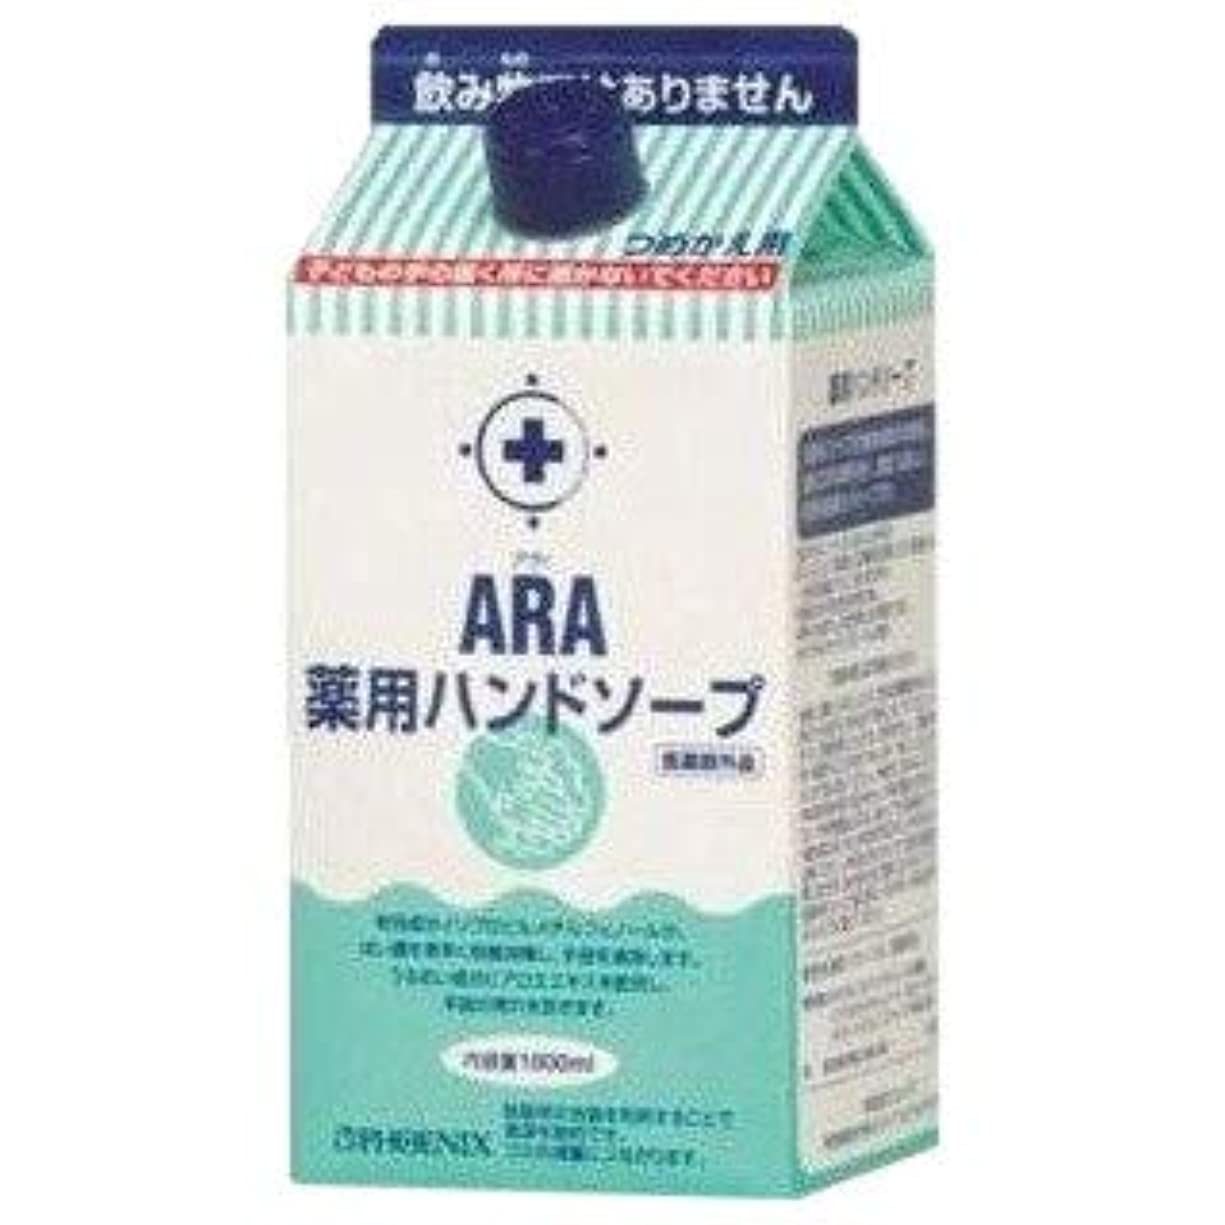 非常に怒っています宣言する摂氏度ARA 薬用ハンドソープ(詰め替え用) 1000ml×12入